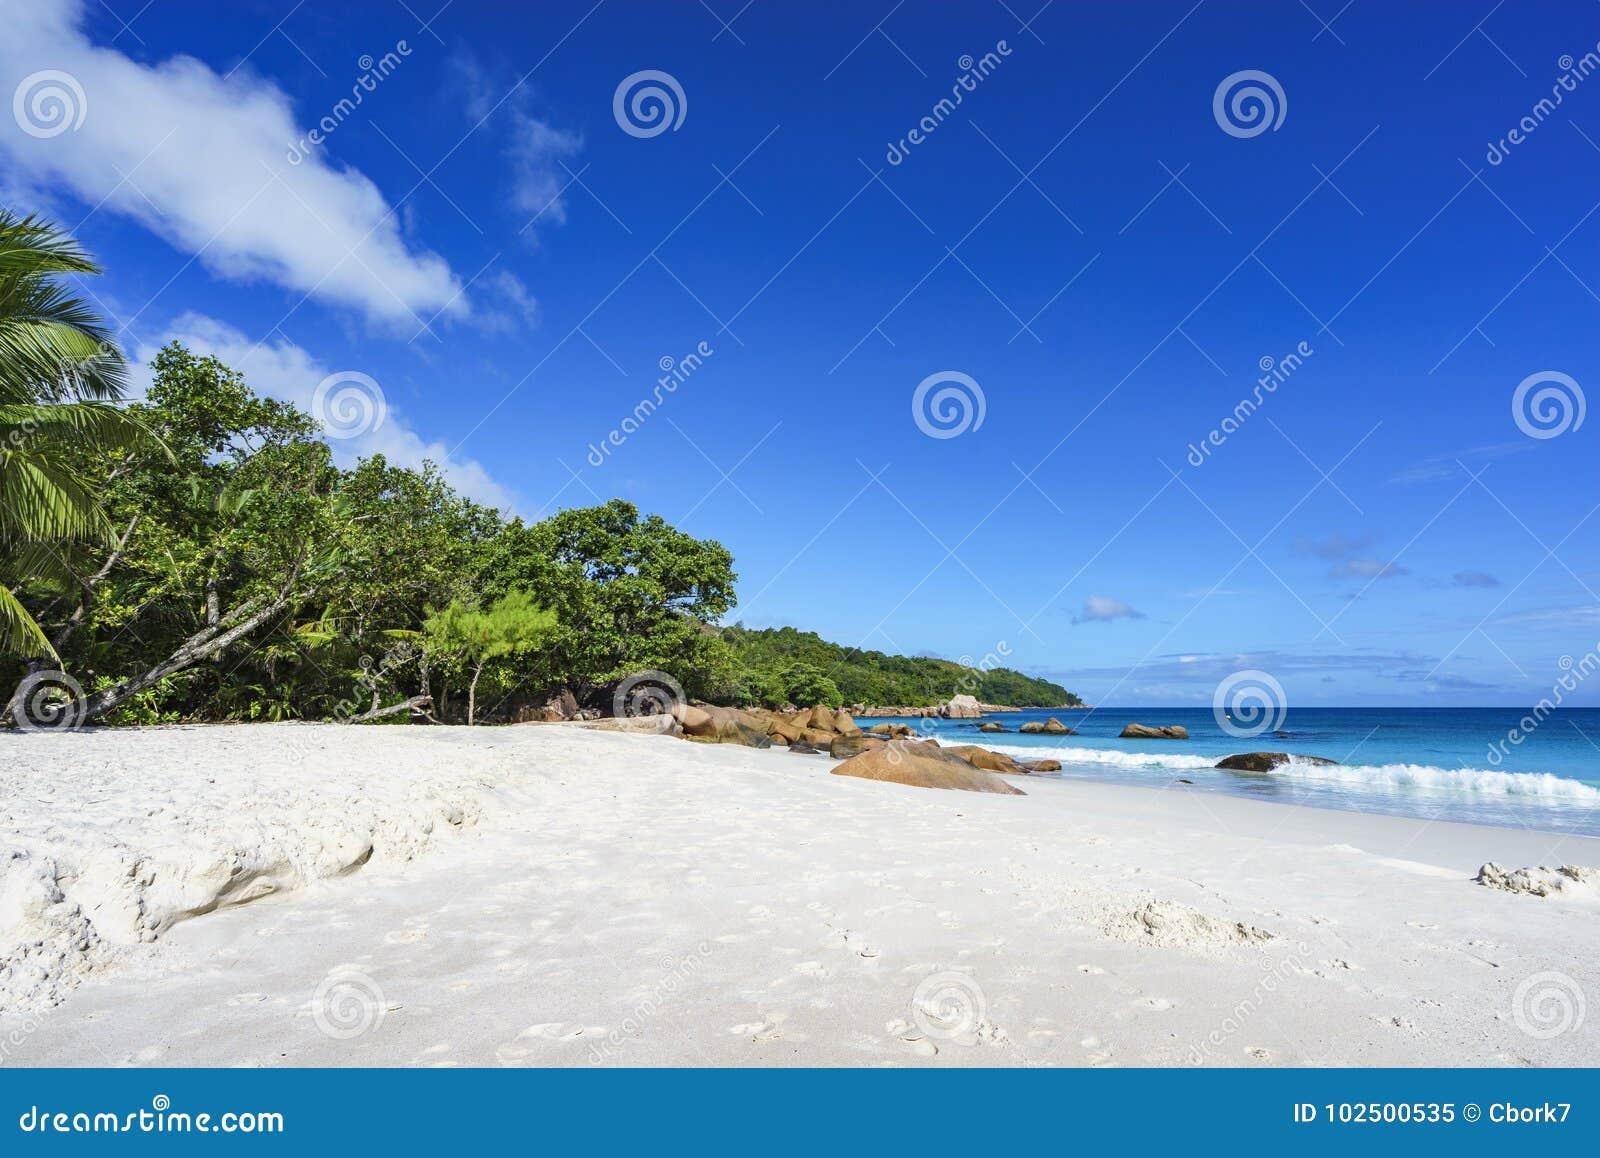 Erstaunlicher Paradiesstrand am anse Lazio, praslin, Seychellen 66